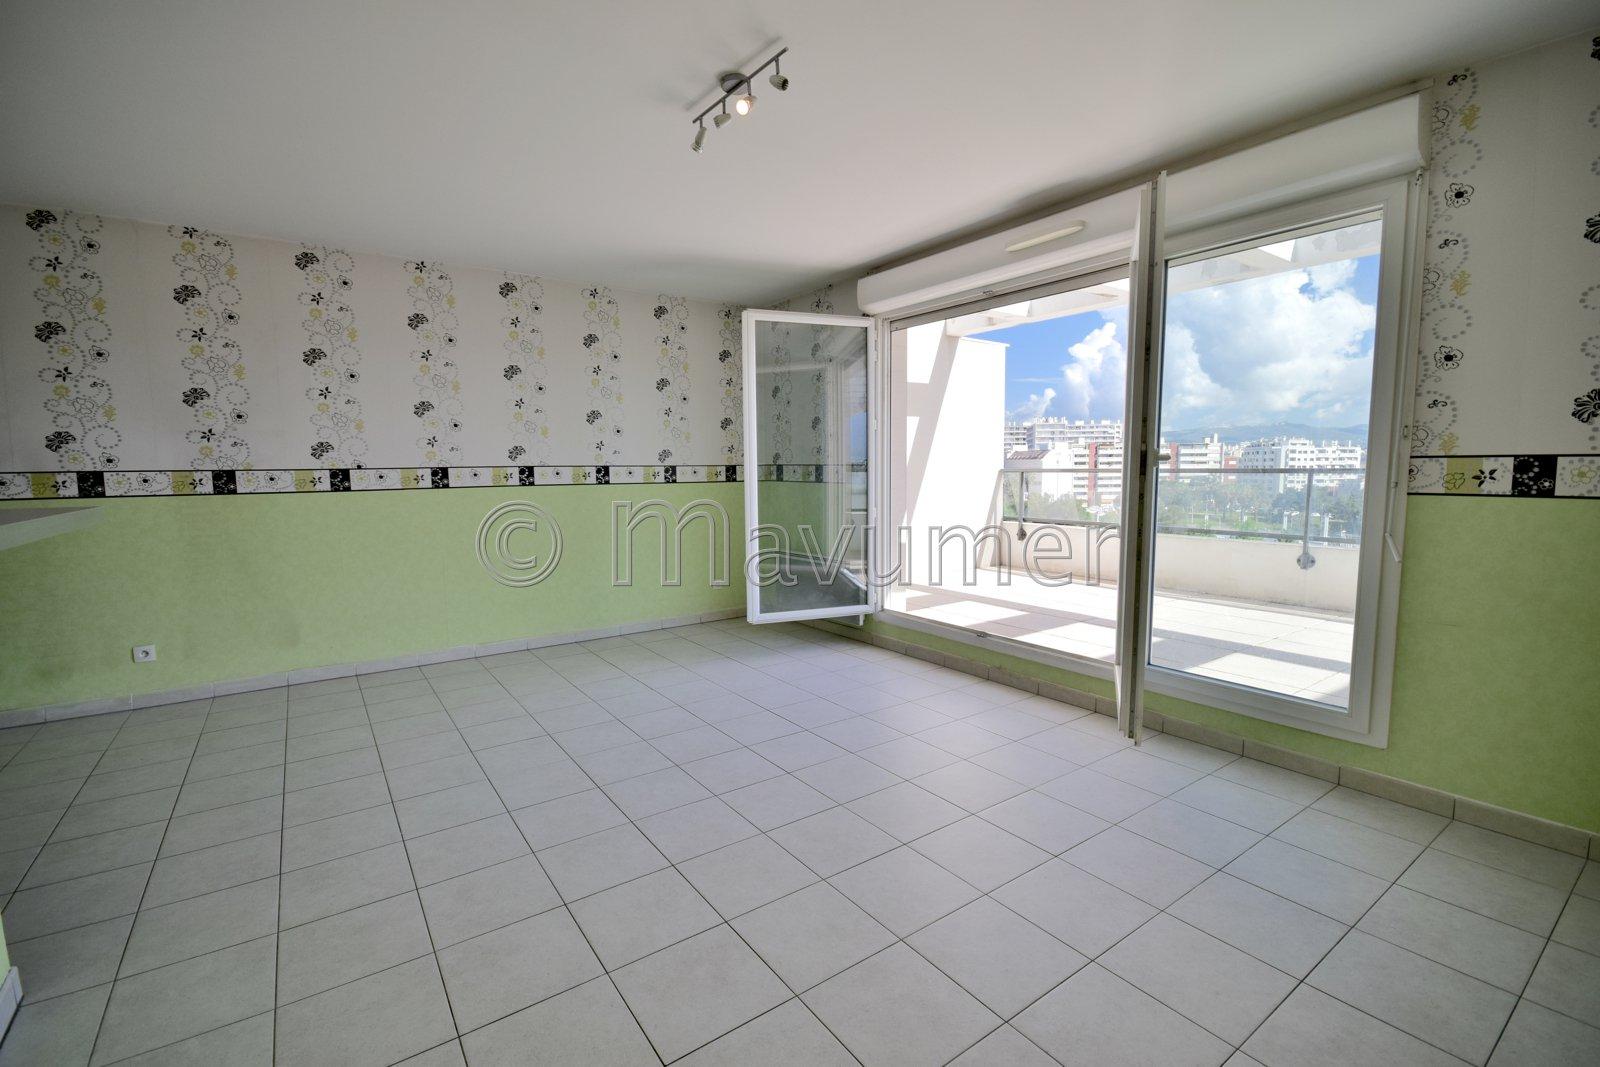 Cantini- T3 en étage élevé terrasse et vue panoramique